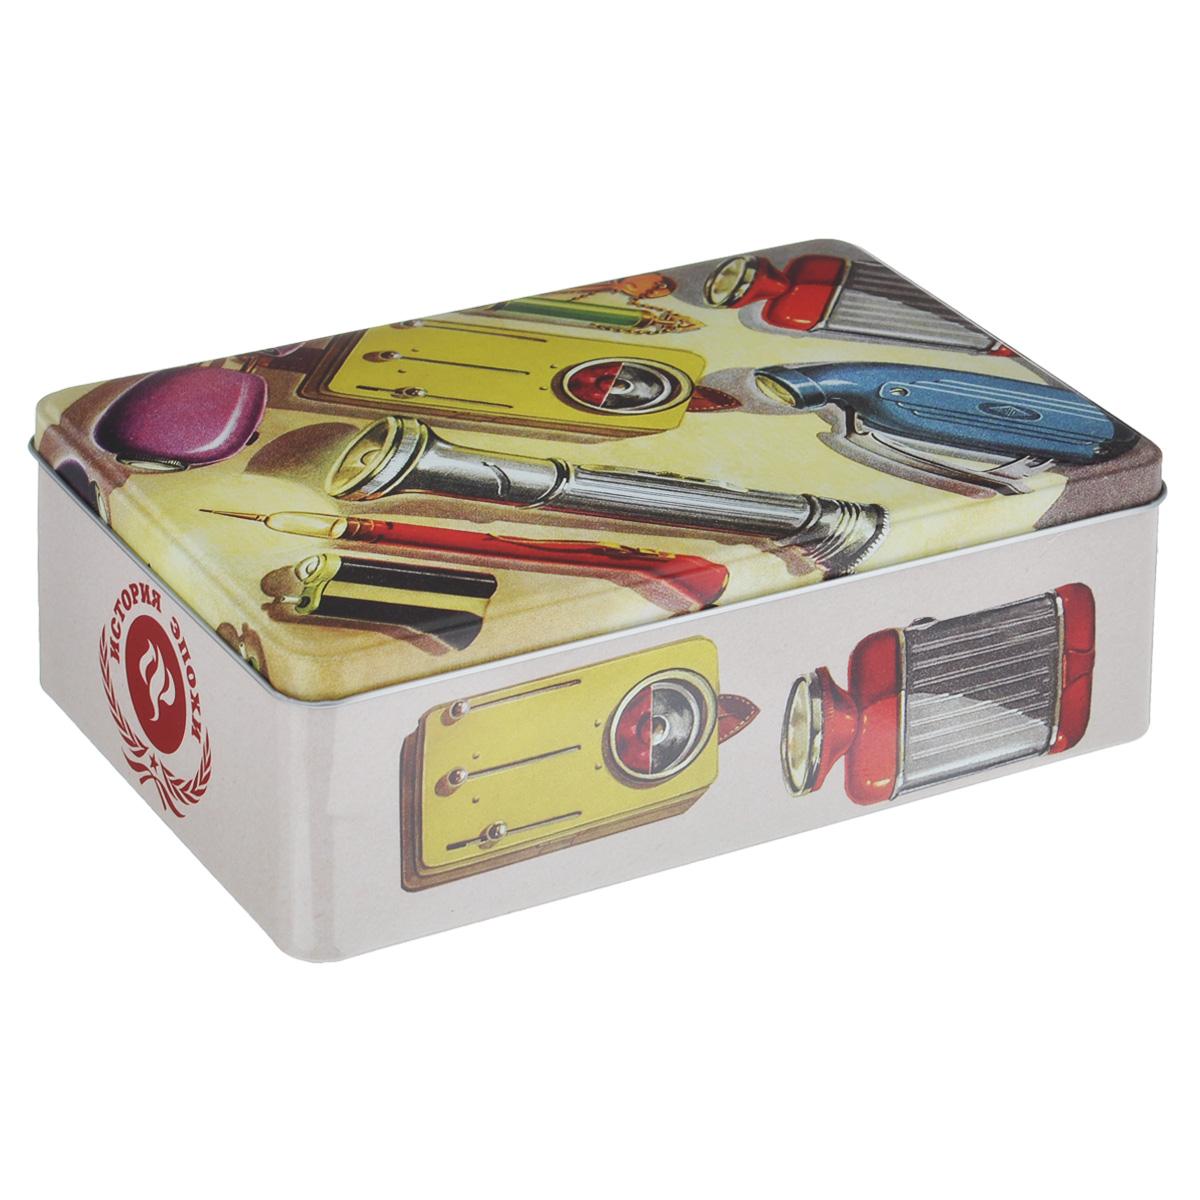 """Коробка для хранения Феникс-презент """"Инструменты"""", выполненная из металла, декорирована изображением различных инструментов. Внутри коробки имеется одно вместительное отделение. Крышка изделия открывается с помощью откидного механизма.Коробка для хранения Феникс-презент """"Инструменты"""" станет оригинальным украшением интерьера и позволит хранить украшения, бижутерию, а также предметы шитья или рукоделия."""